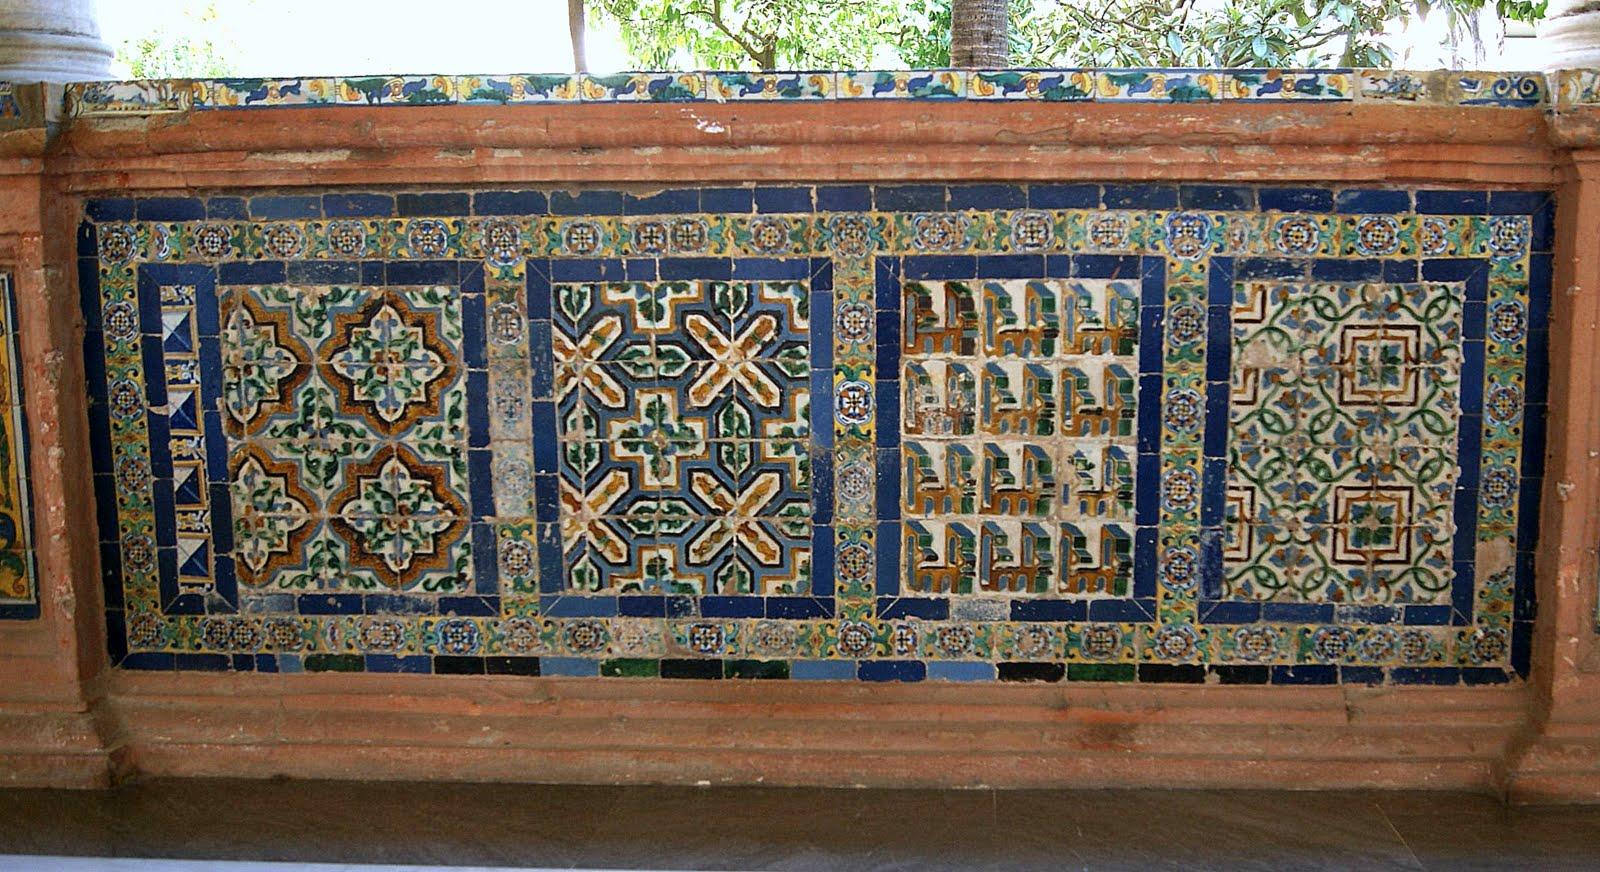 Leyendas de sevilla el museo de bellas artes de sevilla for Azulejos antiguos sevilla